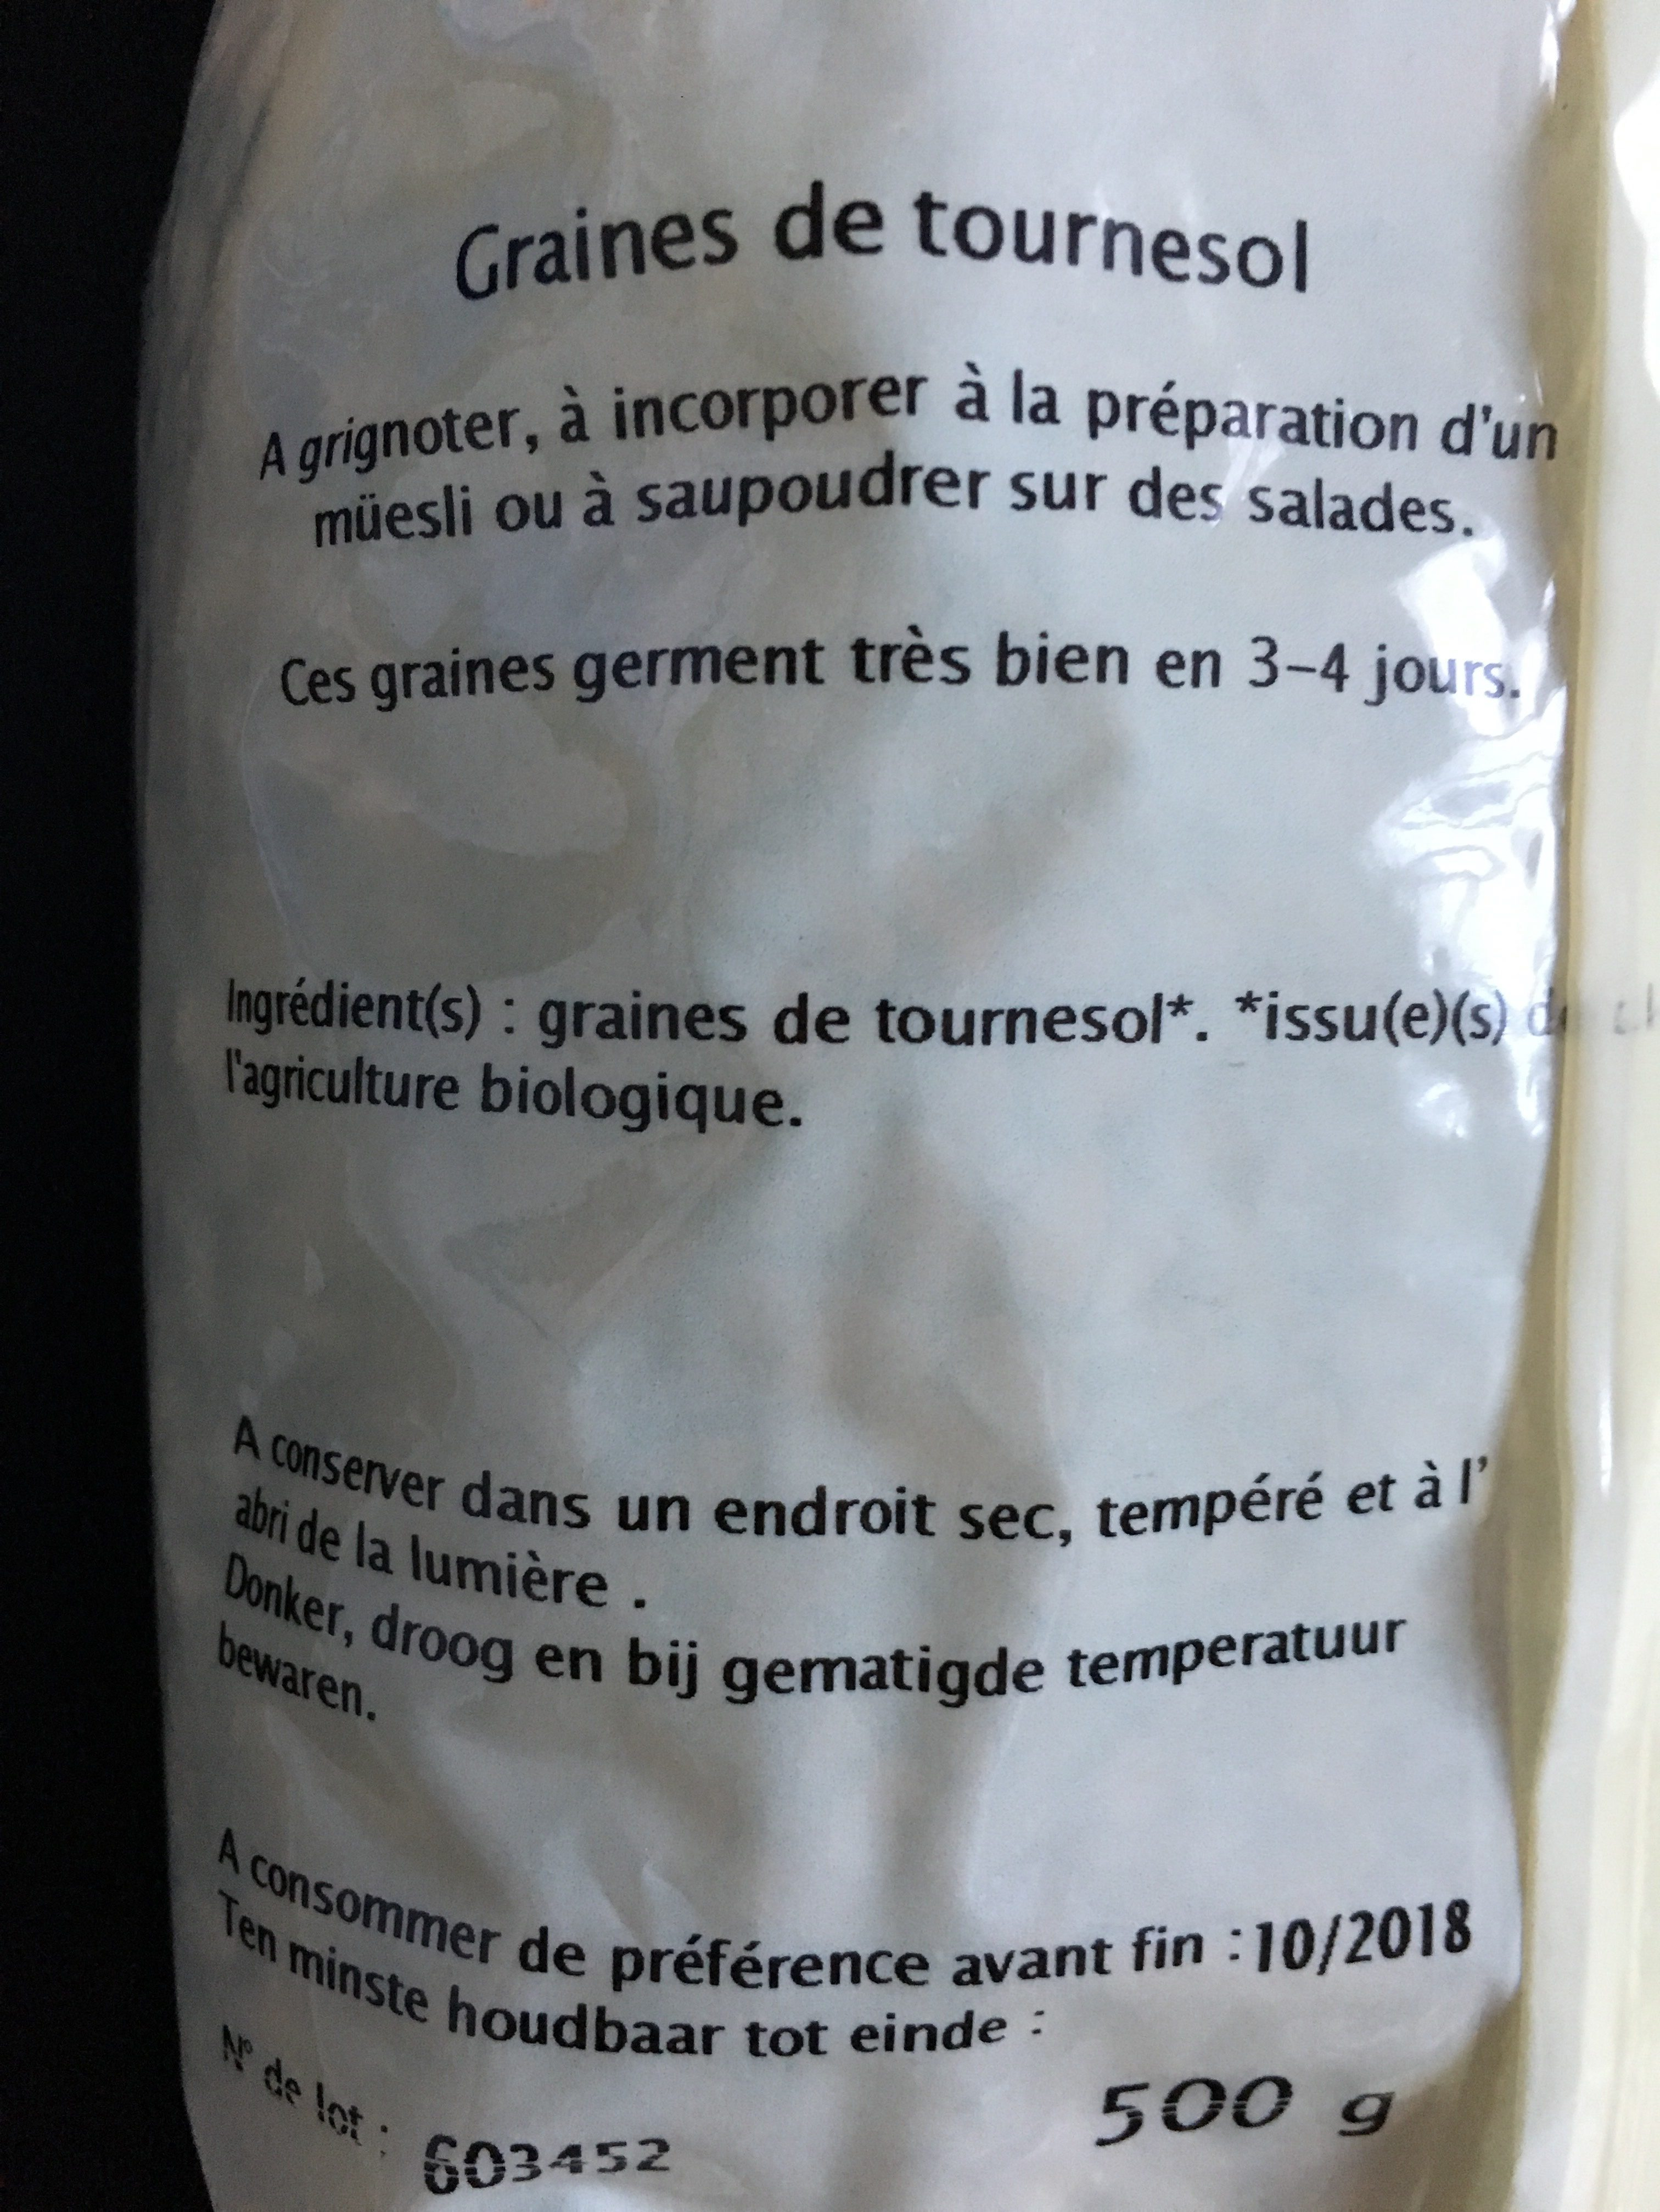 Graines de tournesol - Ingredients